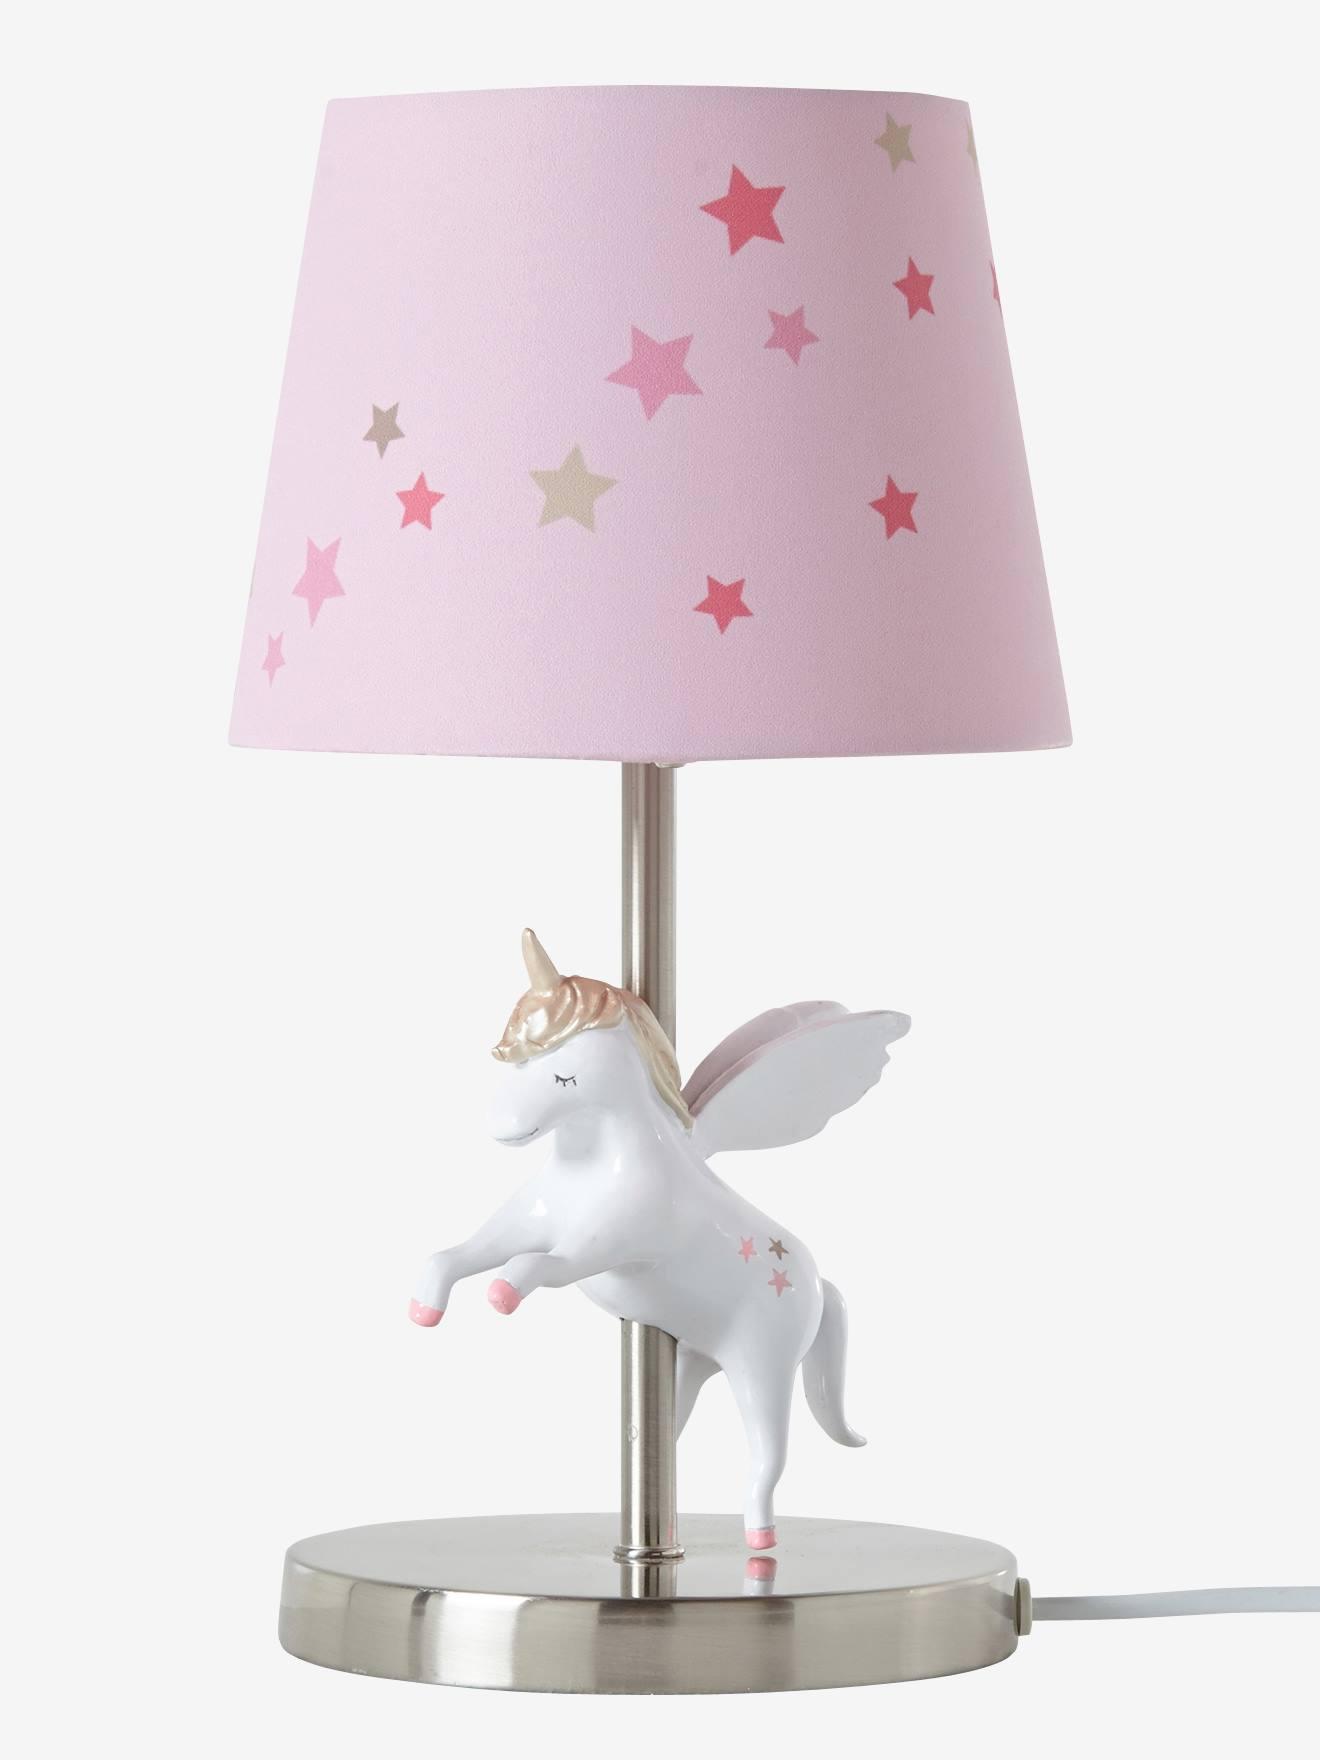 Lampe de chevet enfant lampe de bureau Dco enfants vertbaudet